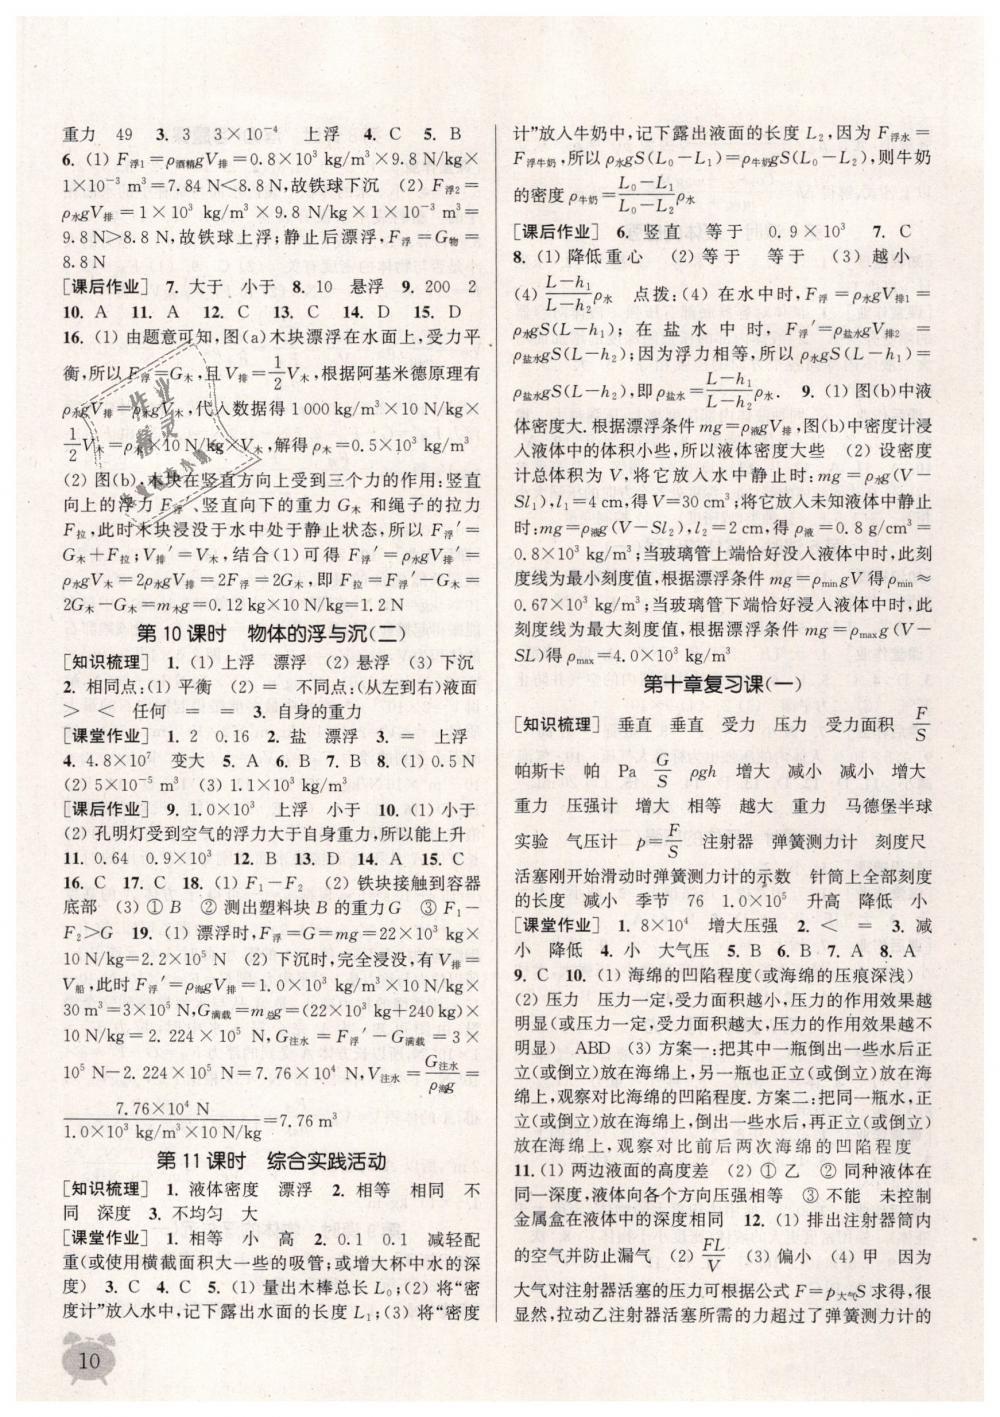 2019年通城学典课时作业本八年级物理下册苏科版江苏专用第10页